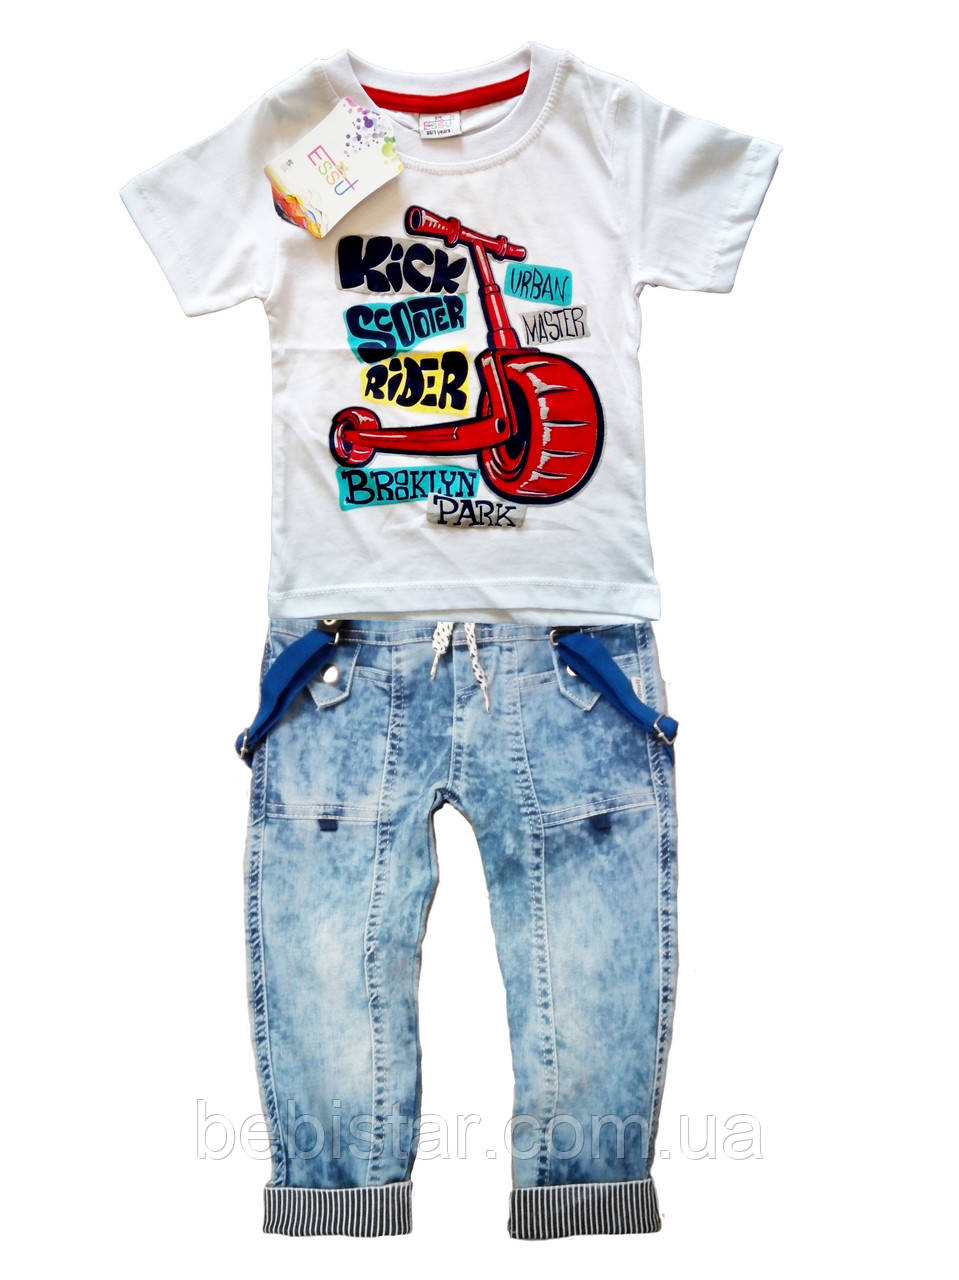 Джинсы на подтяжках и футболка с самокатом для мальчика 1-4 года